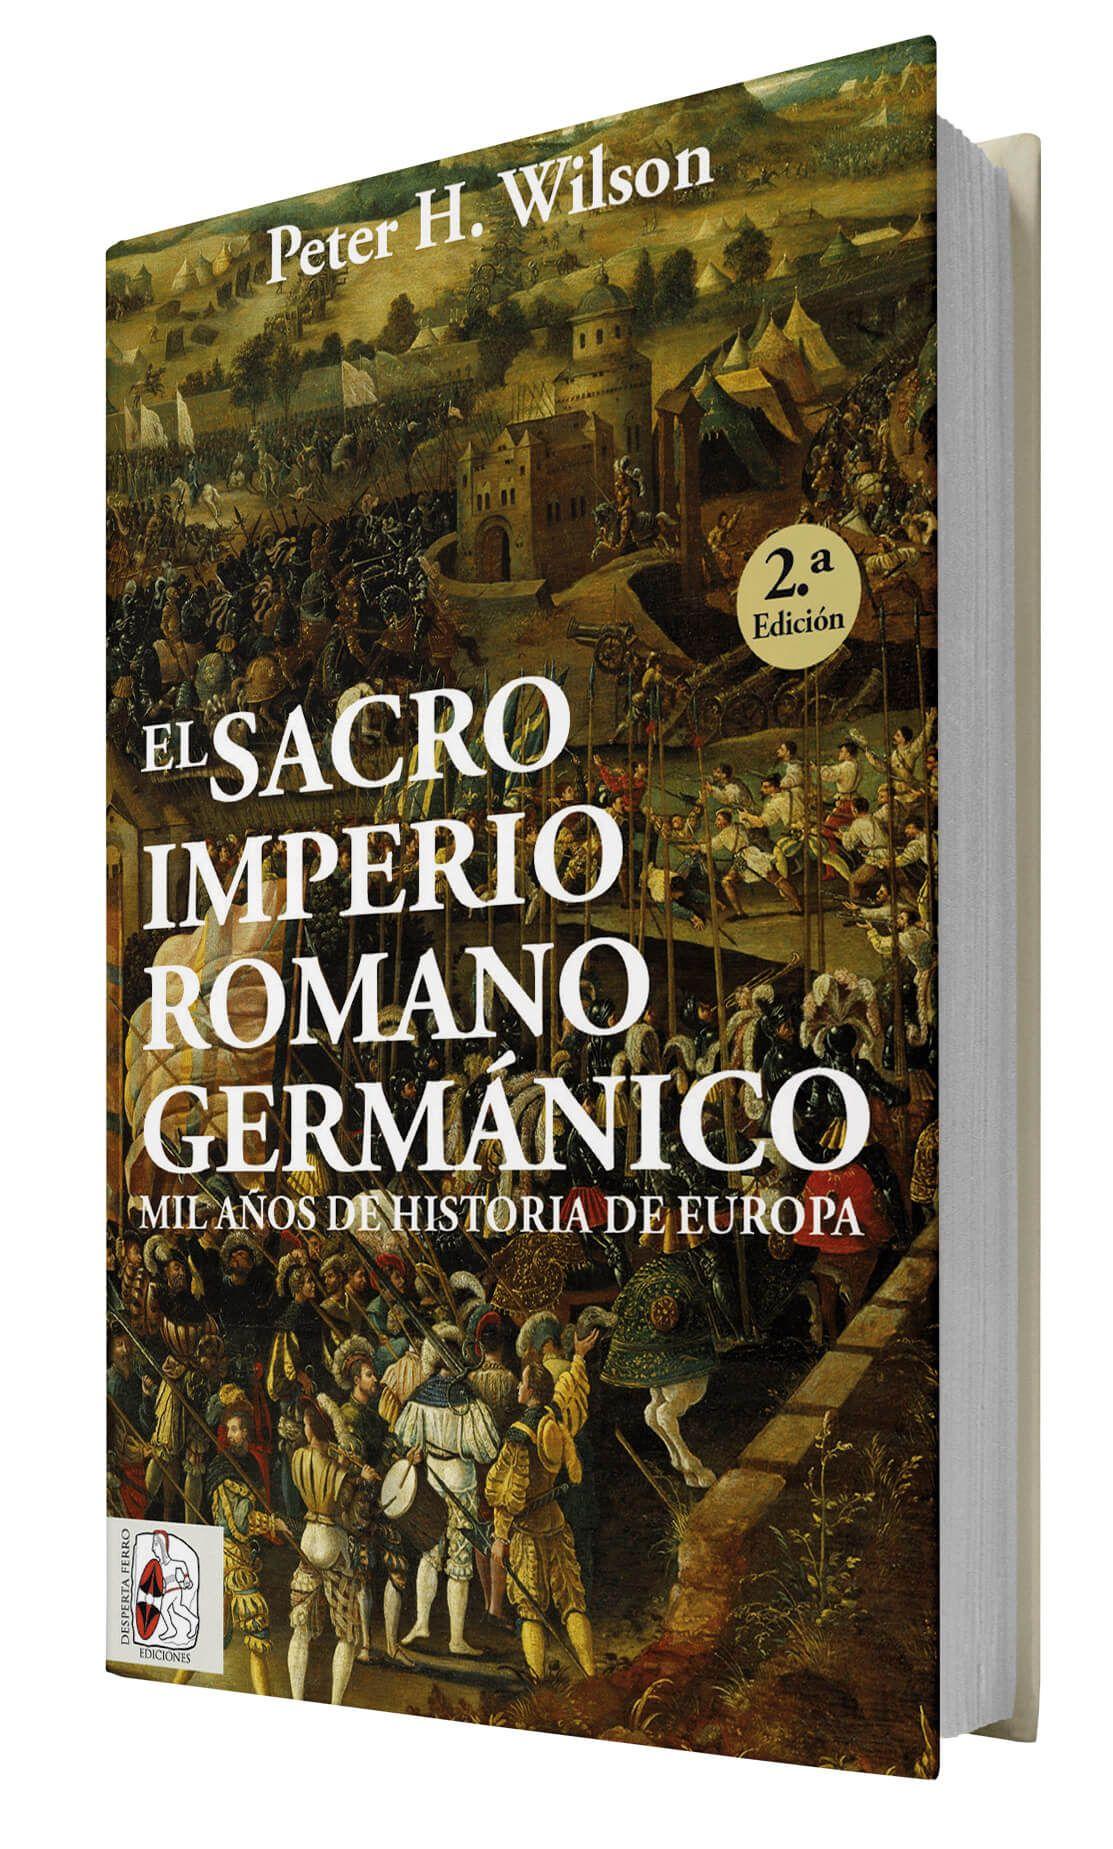 El sacro imperio romano germánico de peter wilson